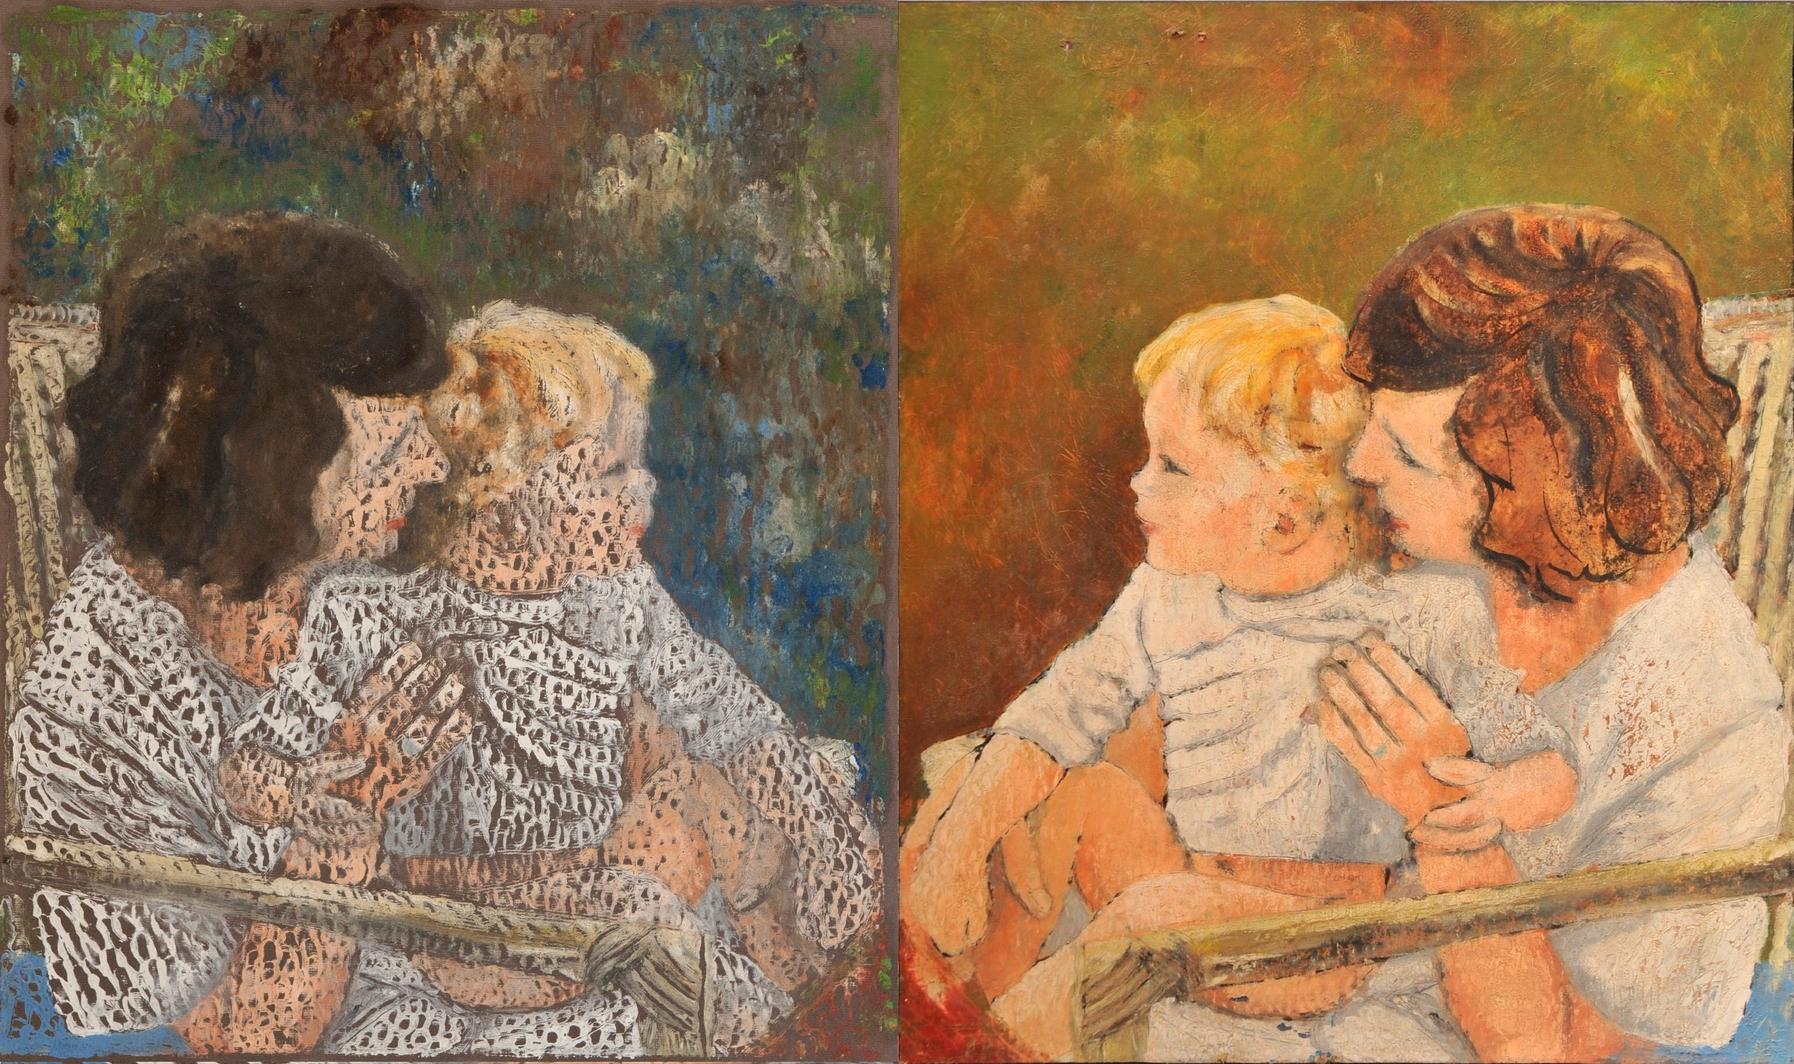 Dominique et Cédric: Monotype et matrice (huile sur toile) (1976)